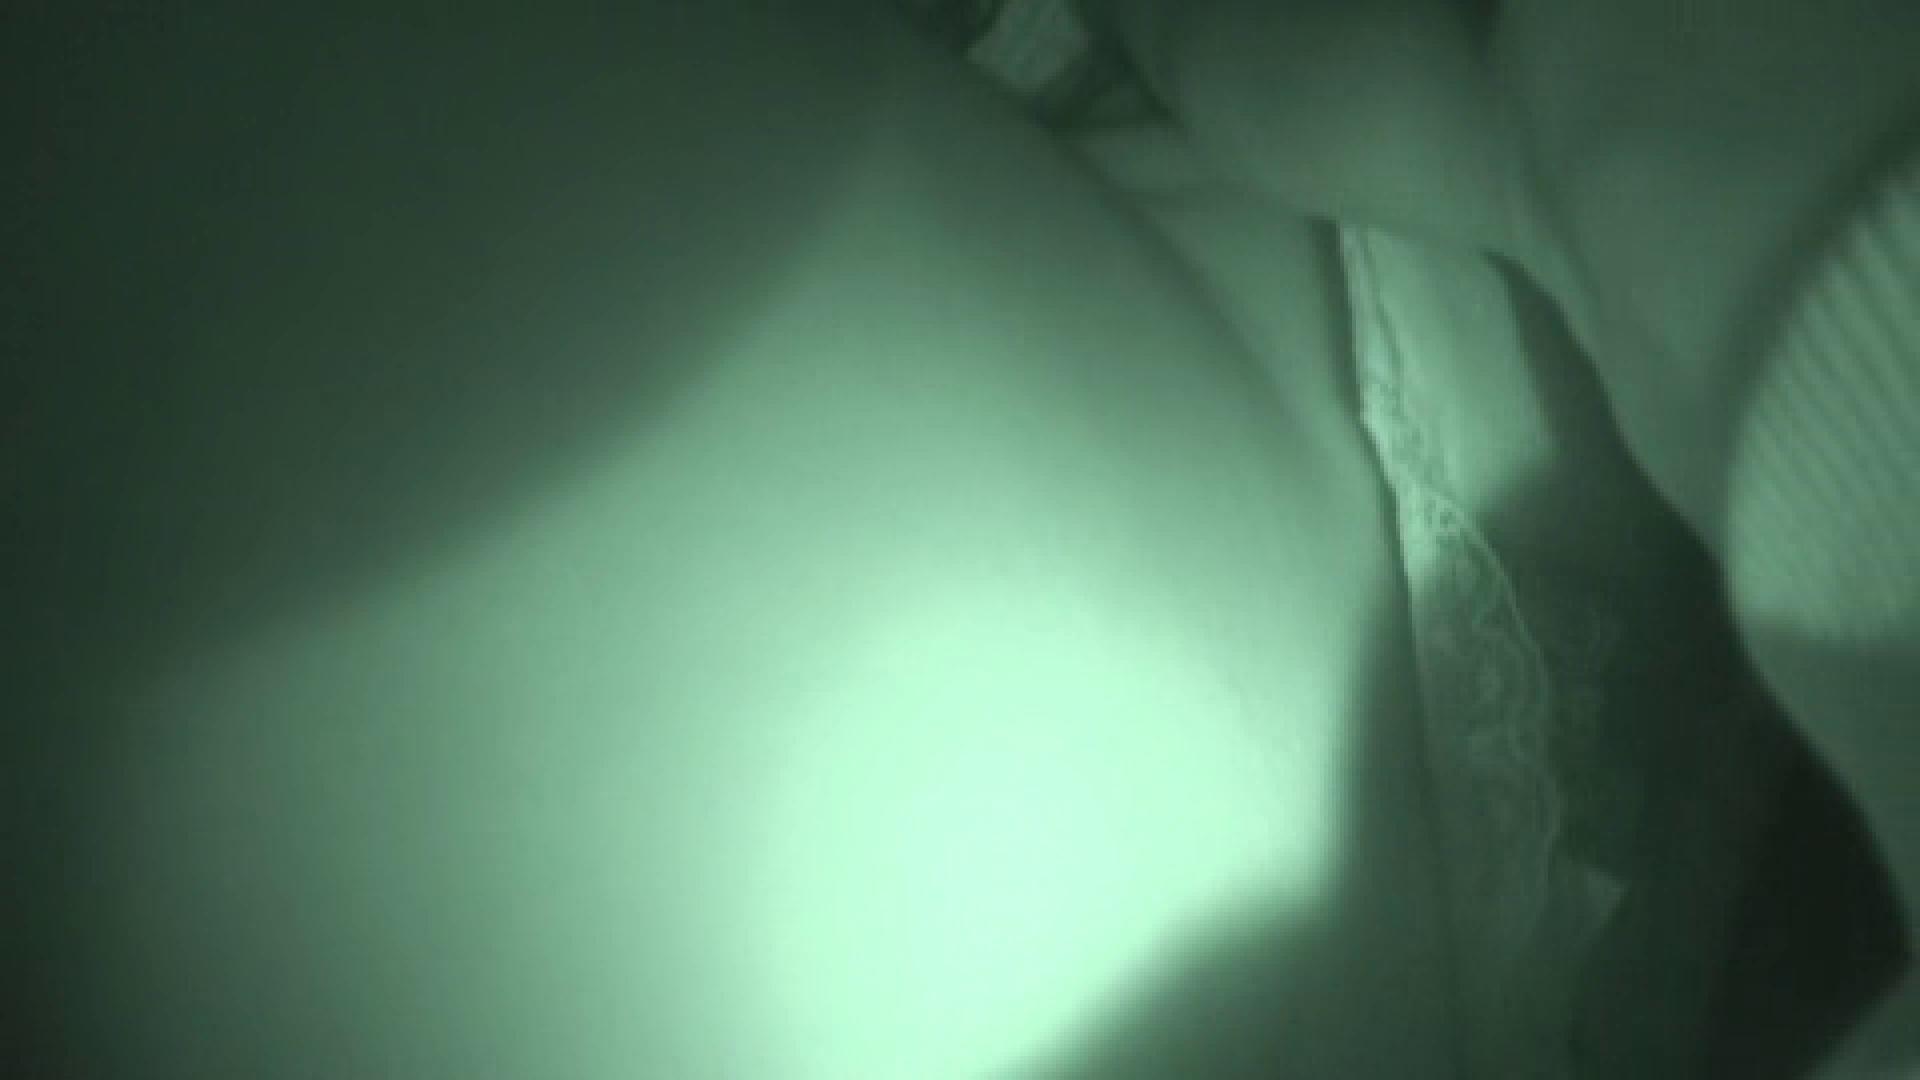 独占配信! ●罪証拠DVD 起きません! vol.10 美しいOLの裸体 | 現役ギャル  97pic 76